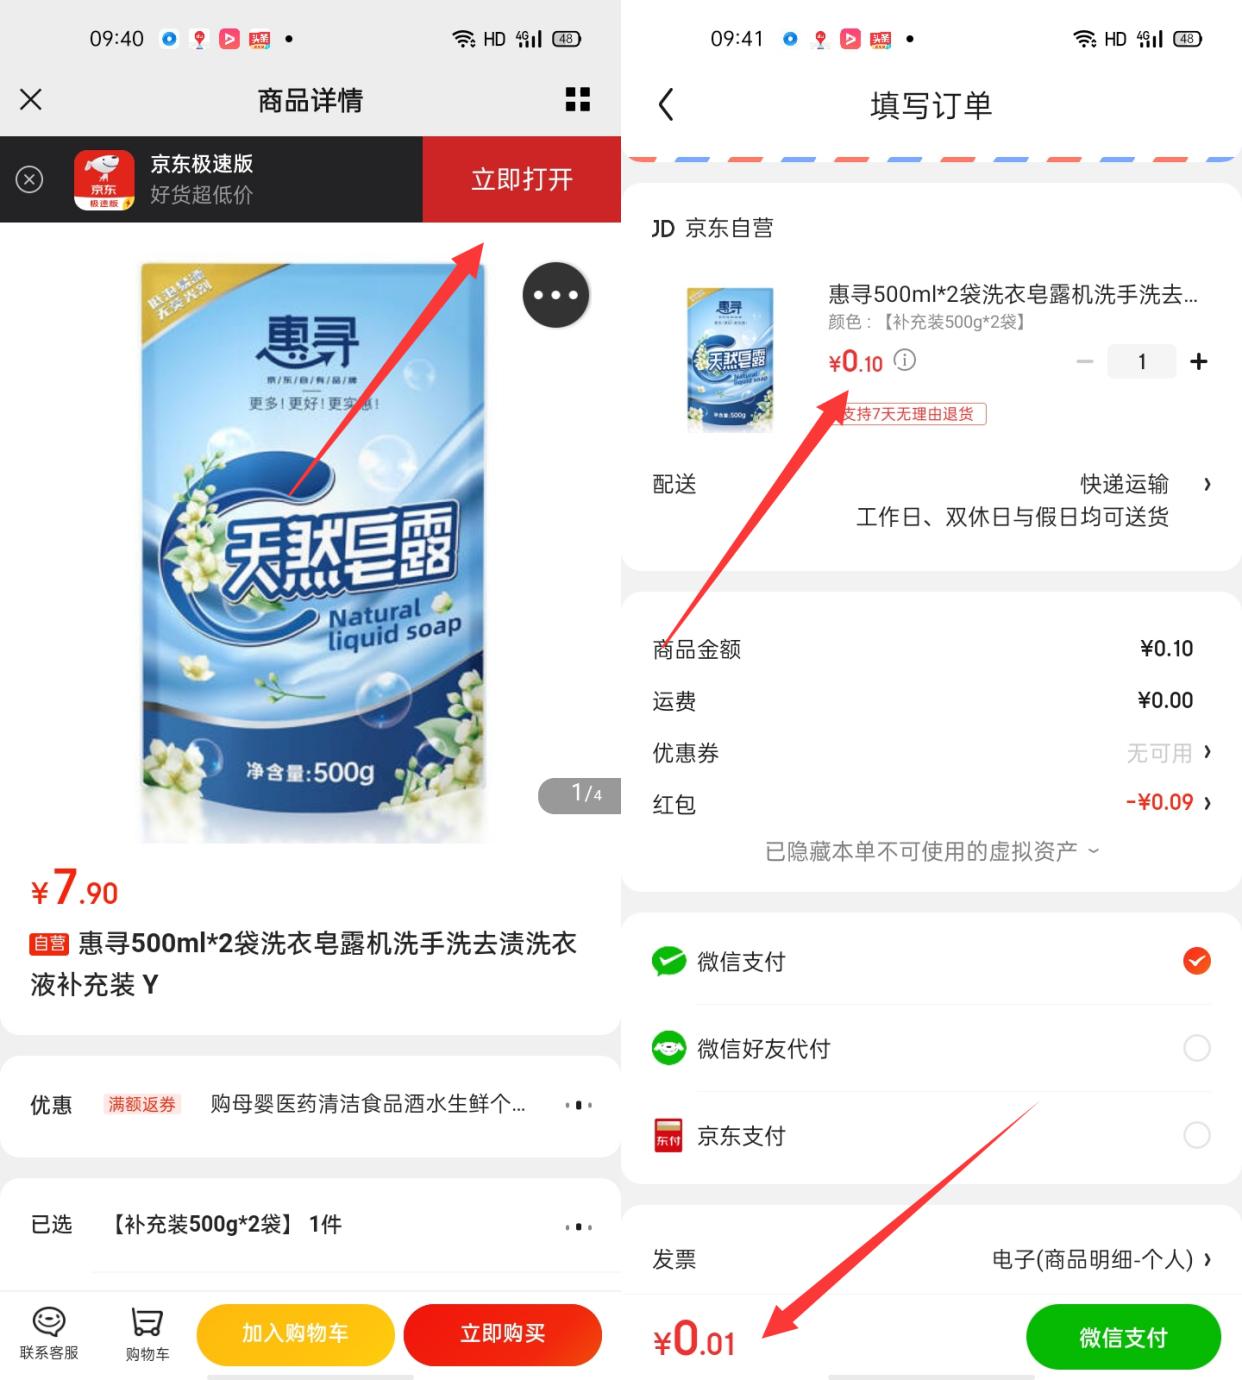 0.1元购买2袋洗衣液,打开京东极速版APP购买!部分账